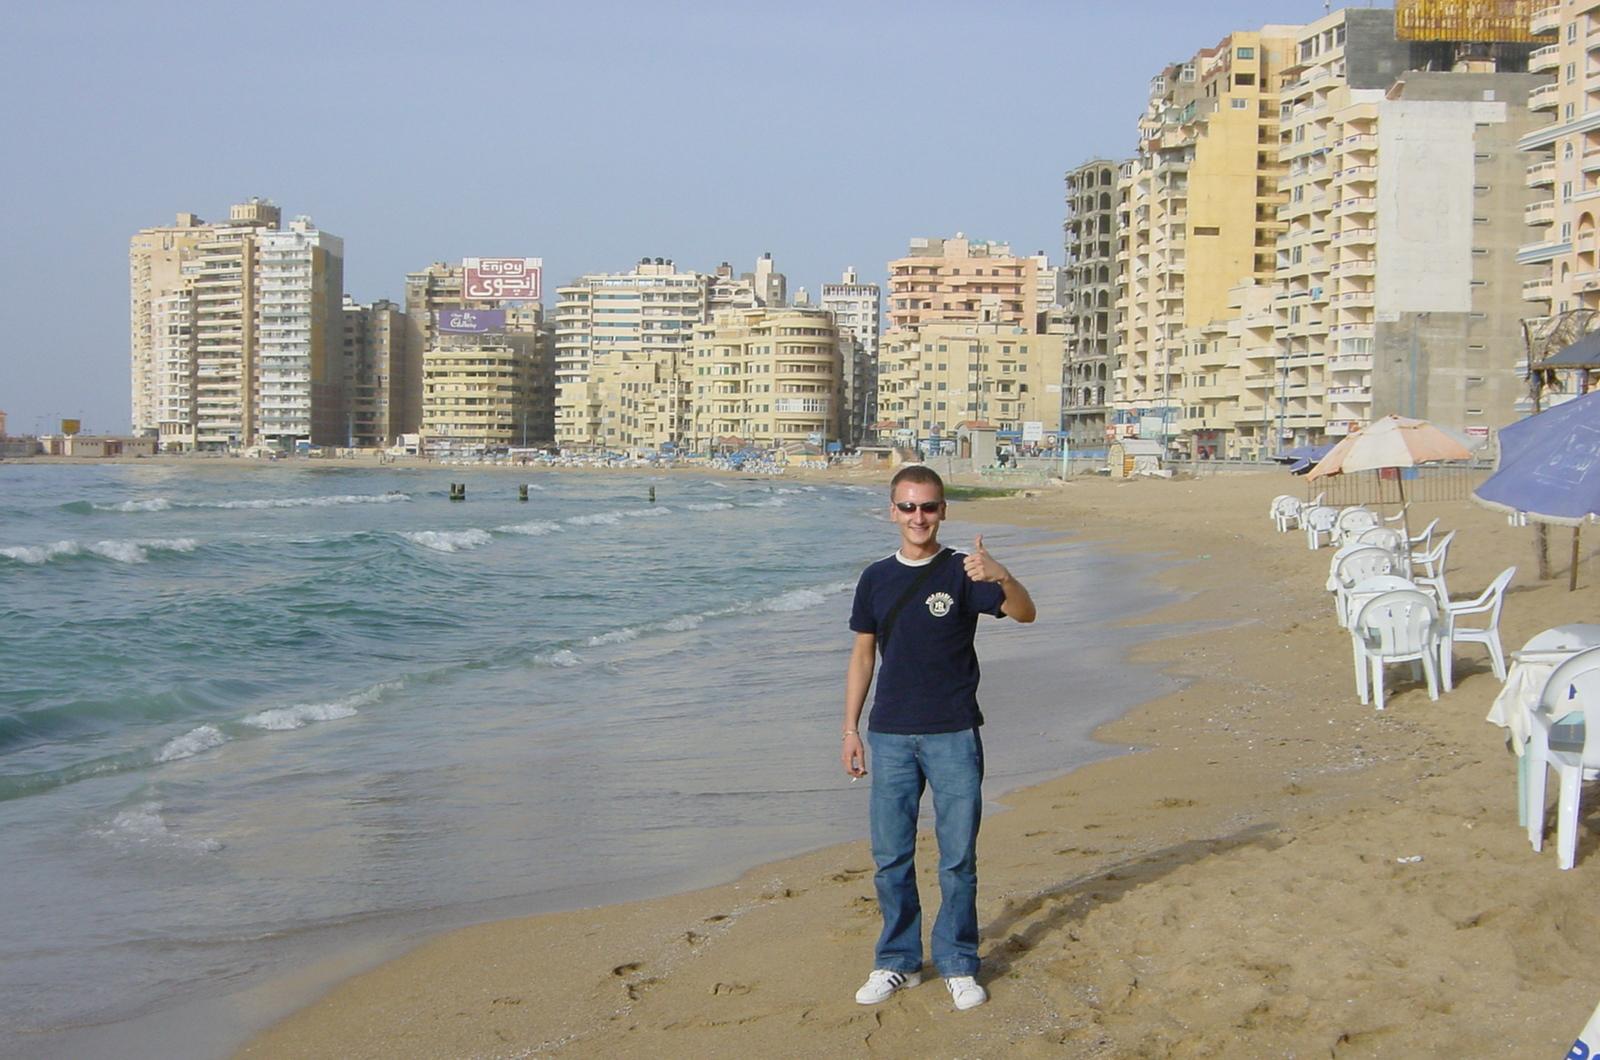 Sulla spiaggia della città di Alessandria